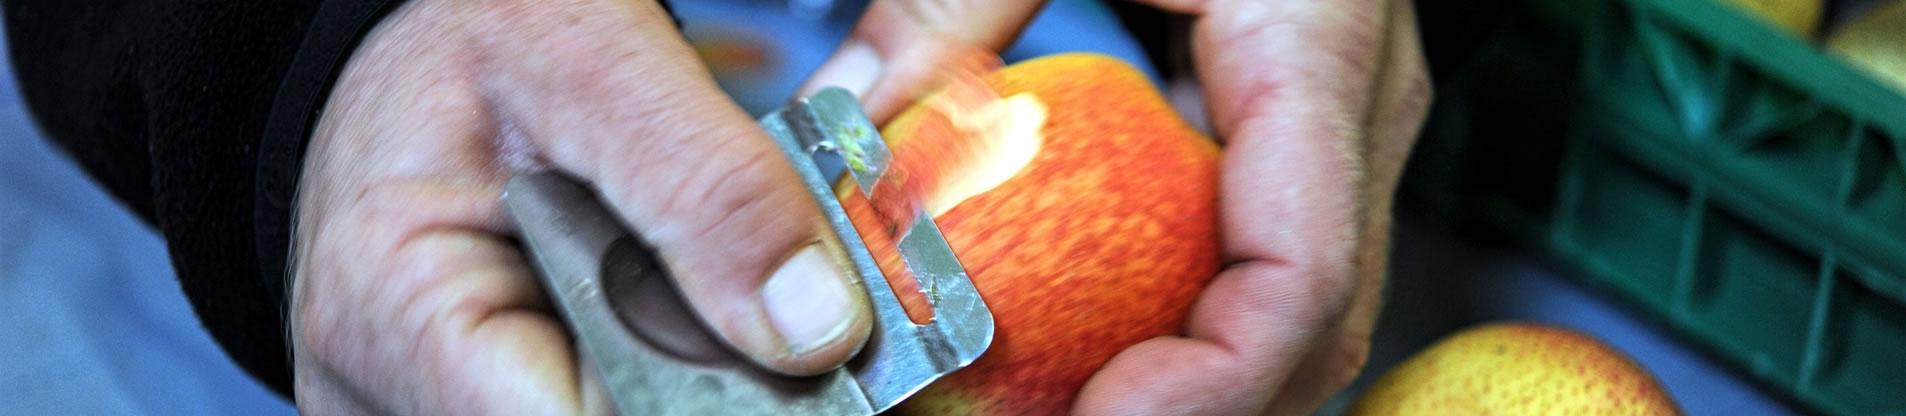 importateur-de-fruits-exotiques-et-fruits-de-contre-saison-en-france-3